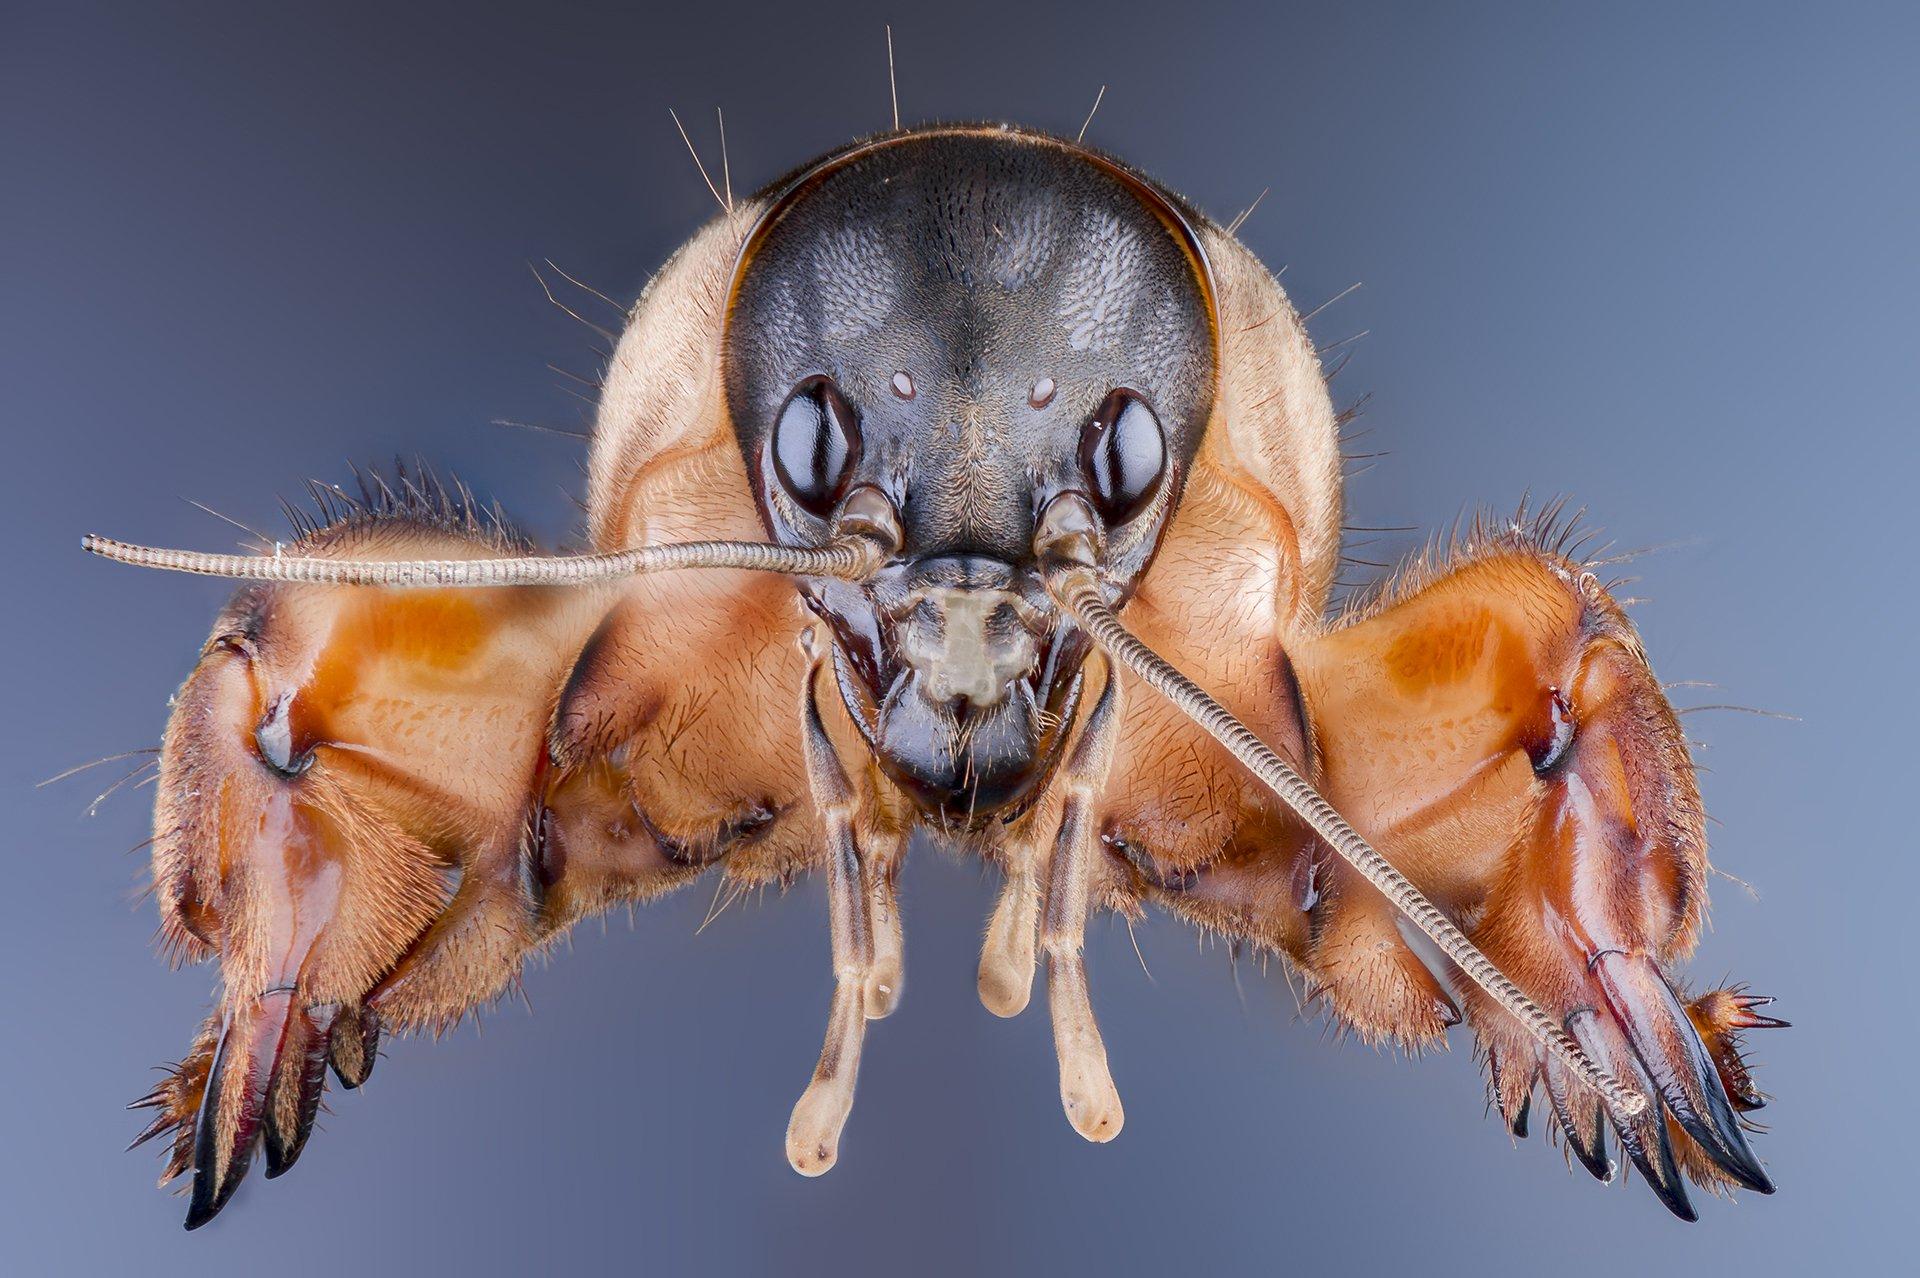 macro insect wildlife, ნიკოლოზ მესხი